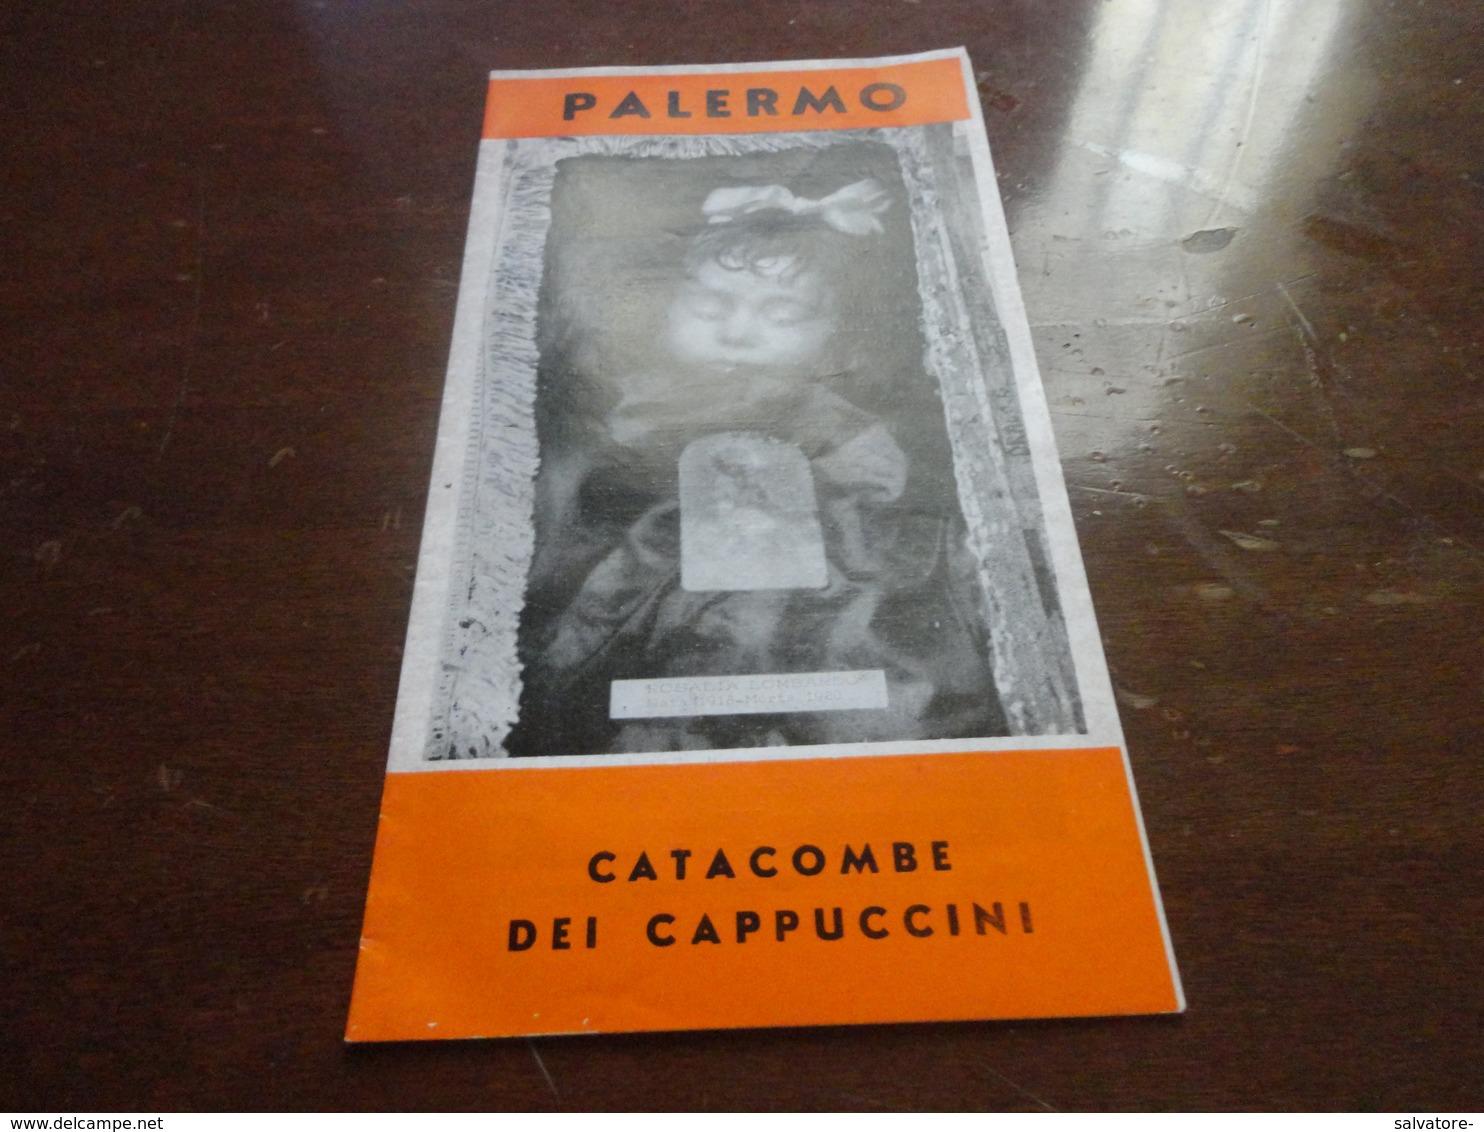 DEPLIANT CATACOMPE DEI CAPPUCCINI DI PALERMO-ANNI 60 - Autres